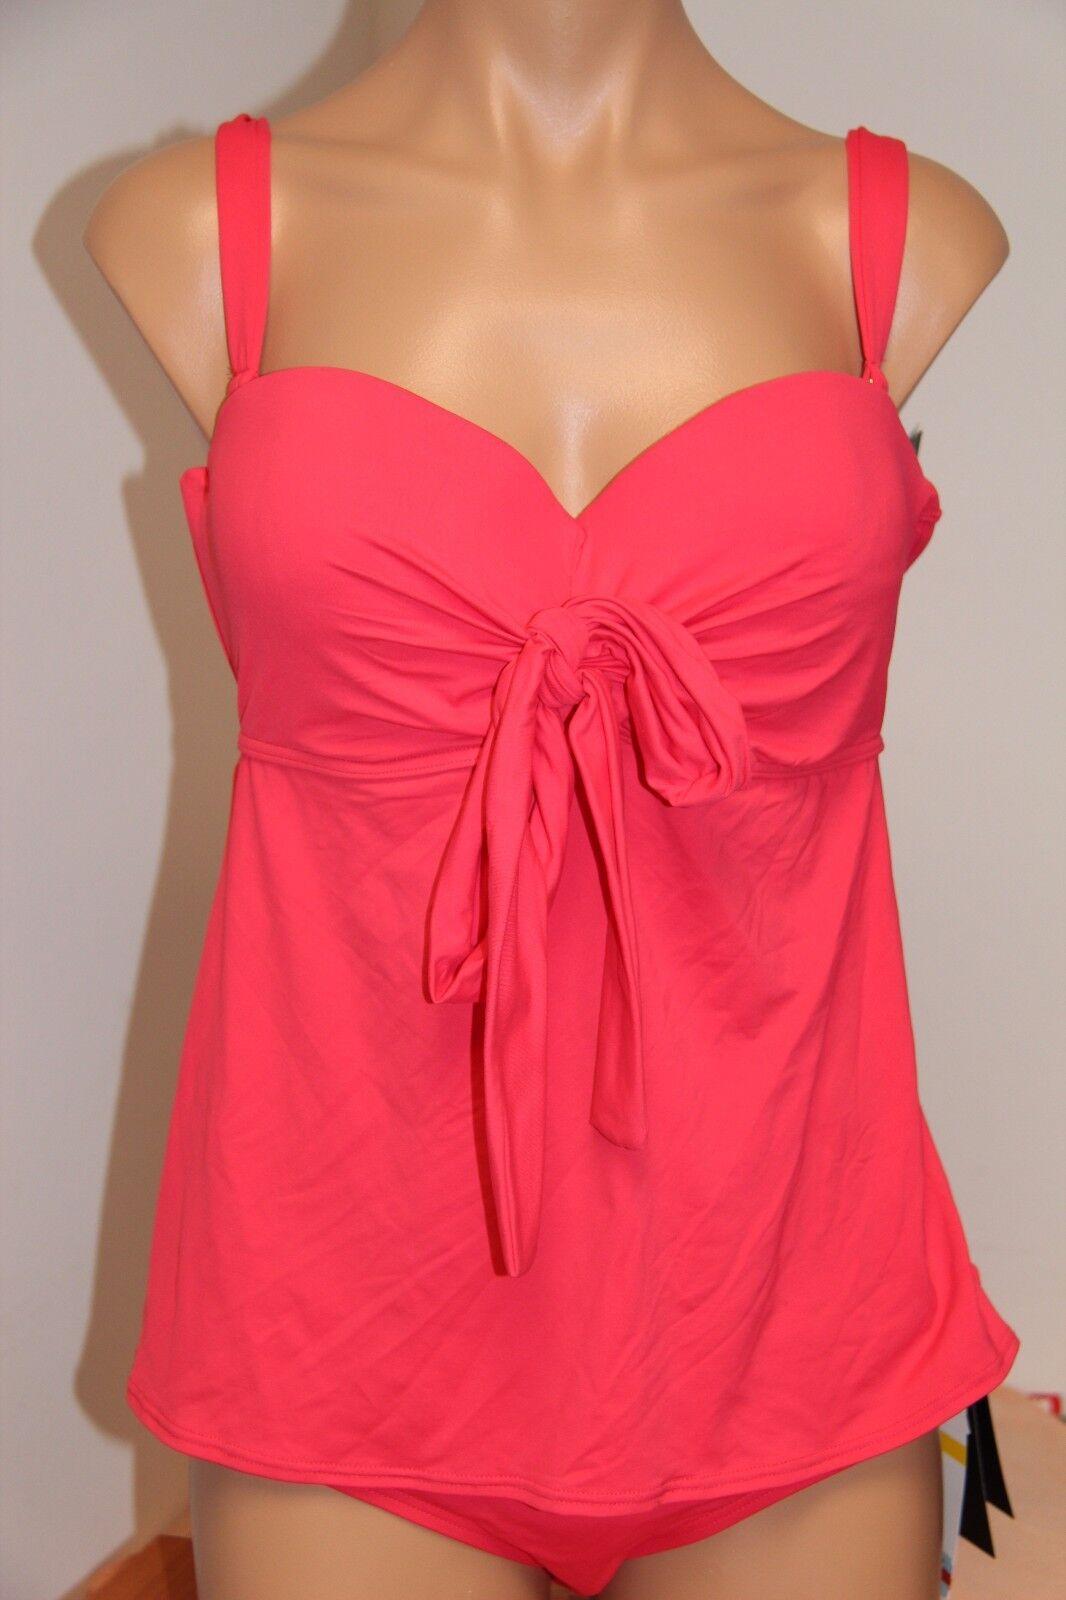 NWT Coco Reef Swimsuit Bikini Tankini 2pc set Sz M 32 34D Five Way Coral